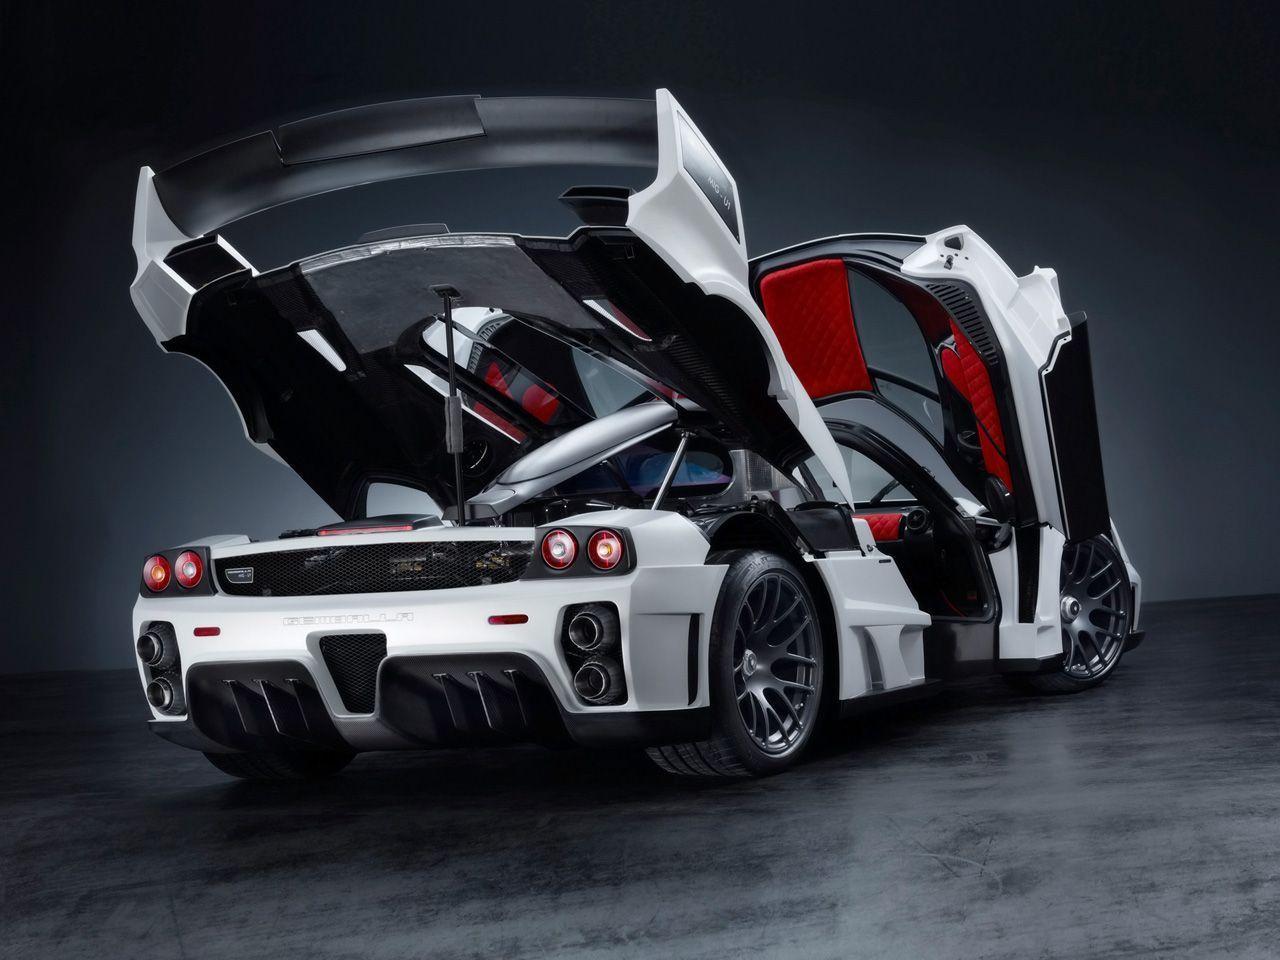 Ferrari Cars Wallpapers Free Download For Desktop   Design Gab